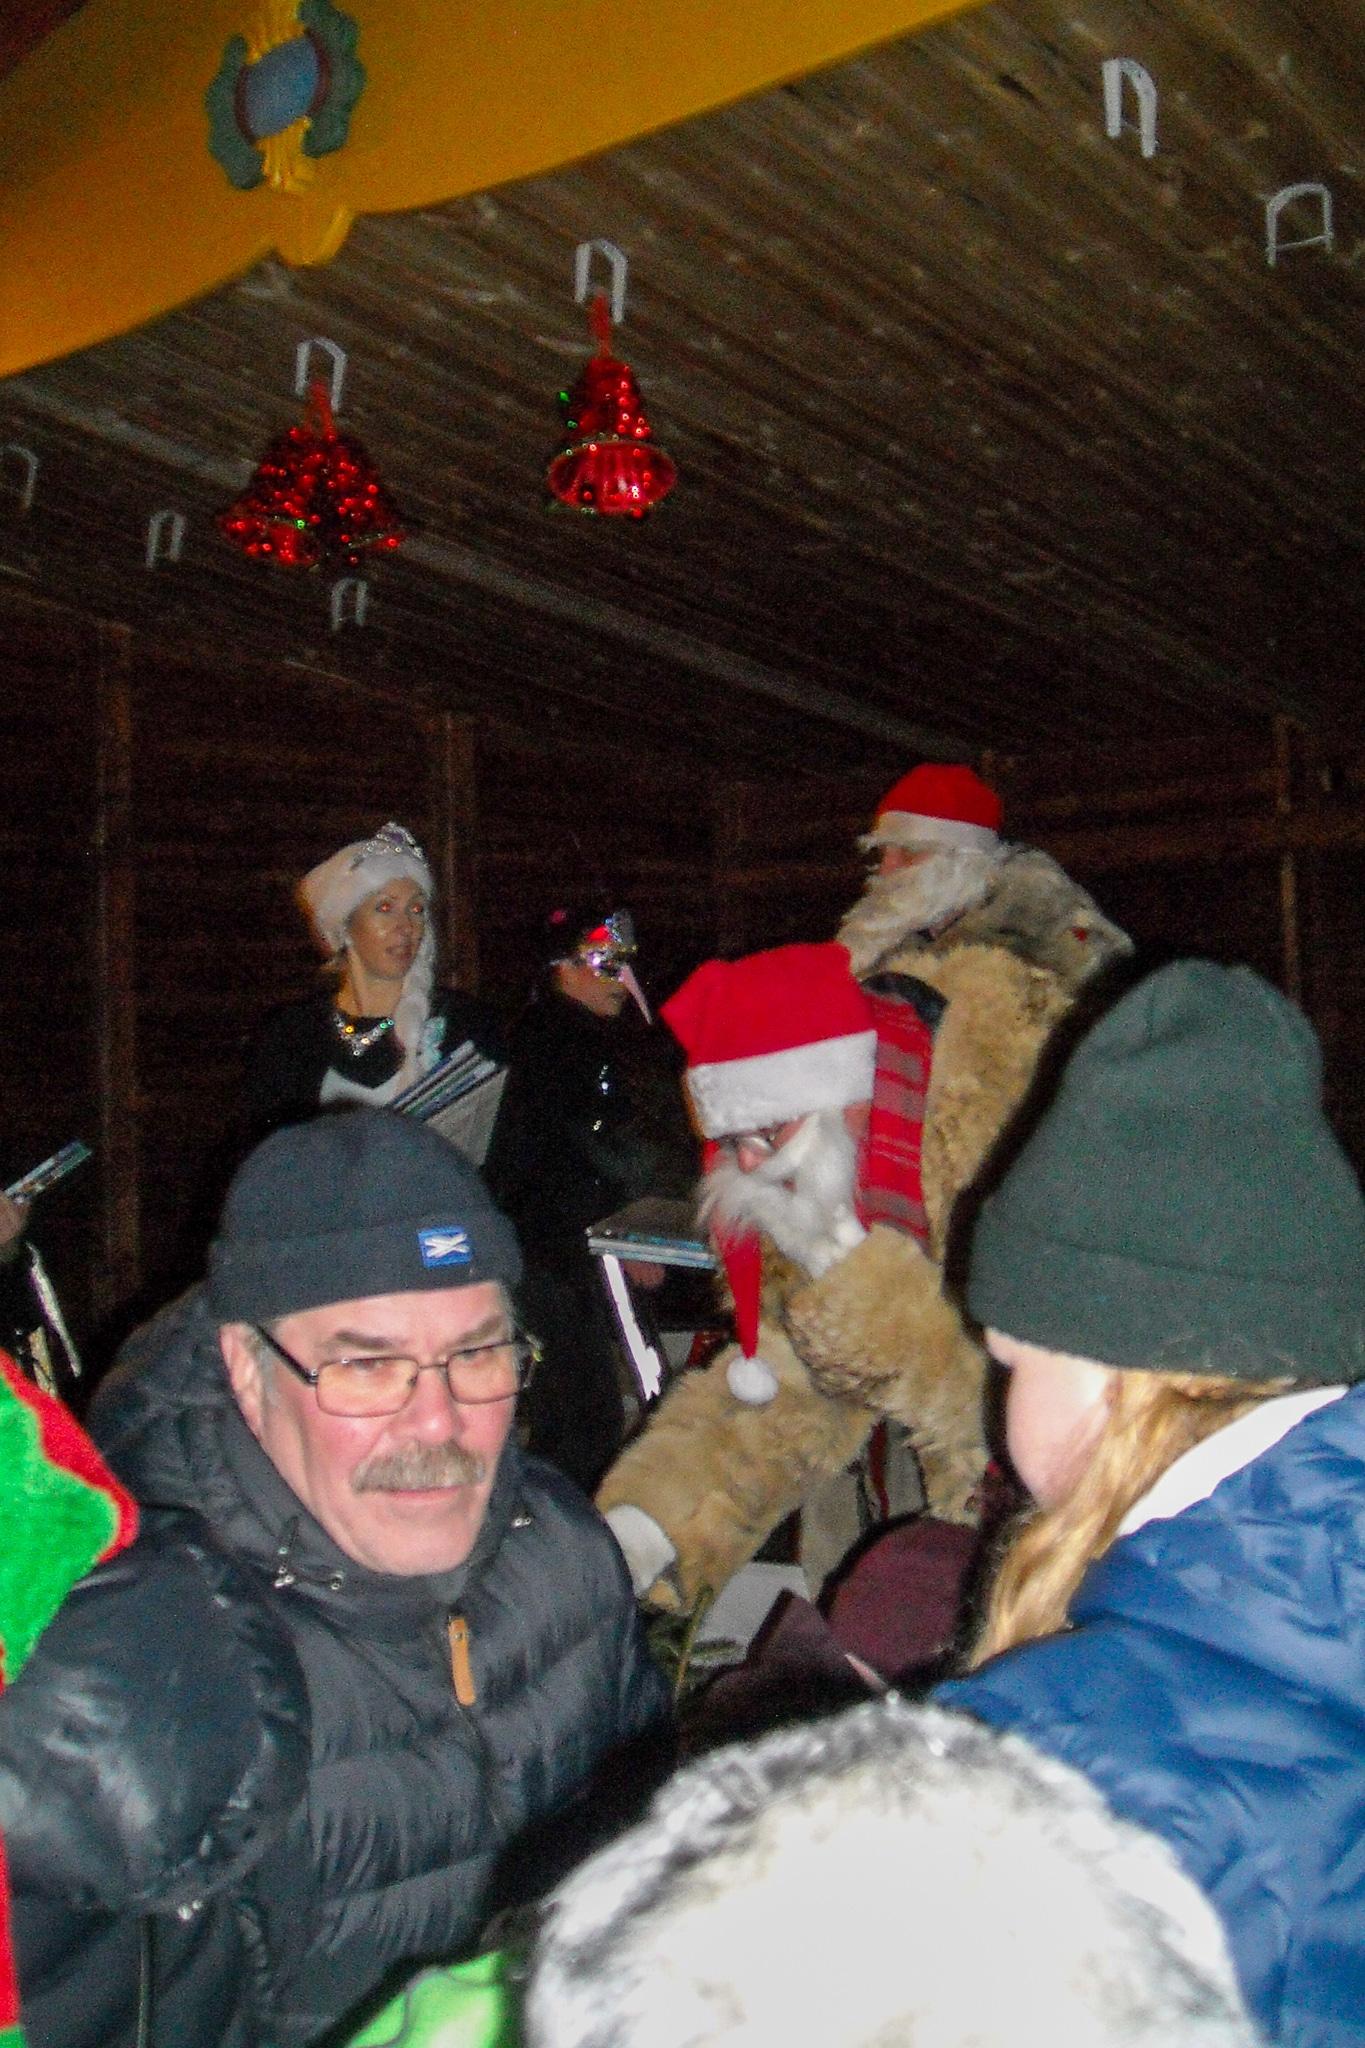 Tomtarna i full färd med att dela ut julklappar till barnen som blev rena anstormningen. Så pressat så att en av åskådarna tyckte att det var nog lika bra att fly fältet medan tid är. Foto: Mats Haldosén